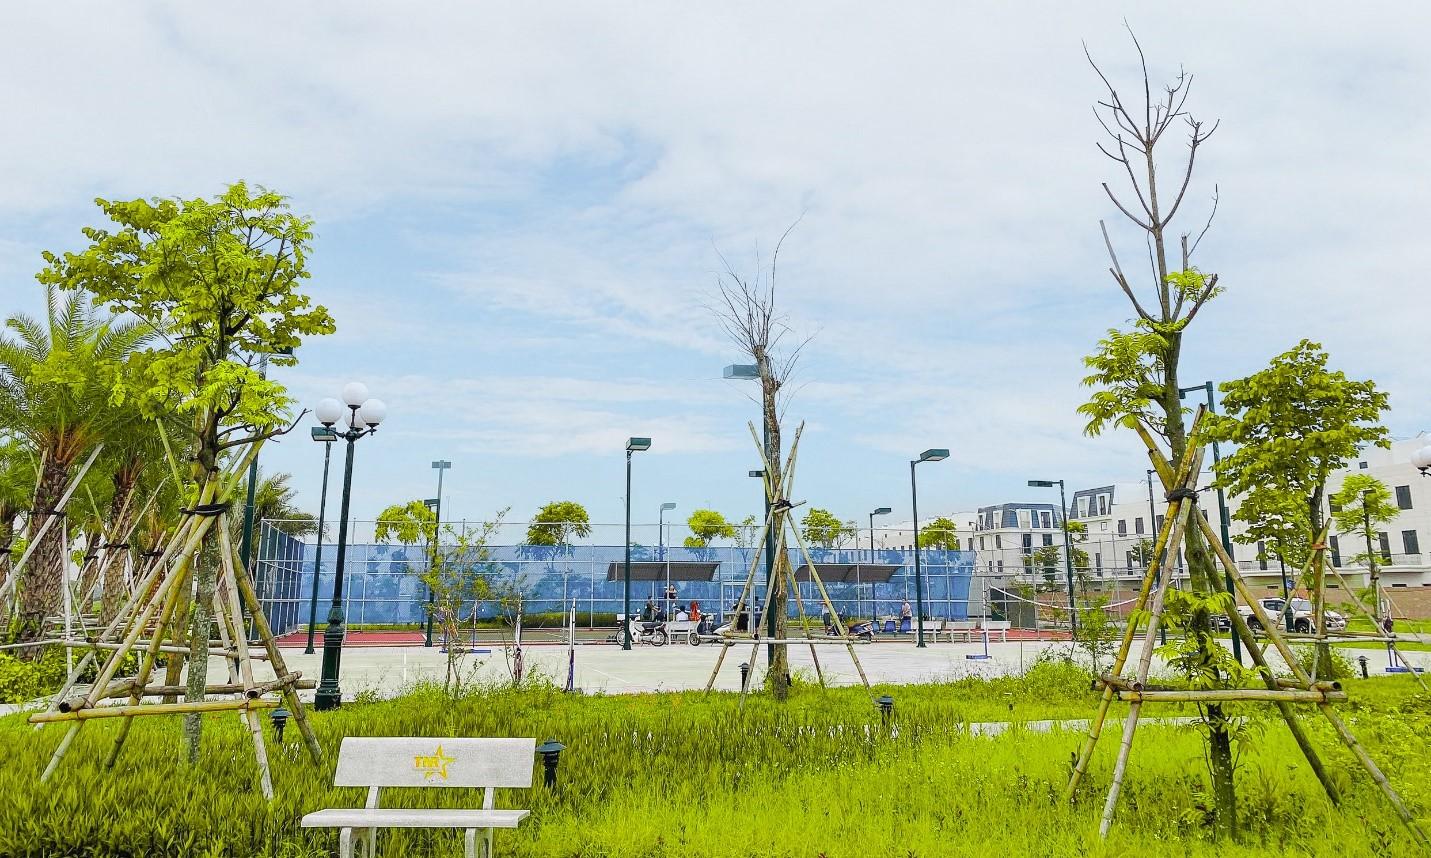 Khu liên hợp thể thao gồm sân tennis, bóng đá, cầu lông… trong khuôn viên dự án TNR Stars Diễn Châu